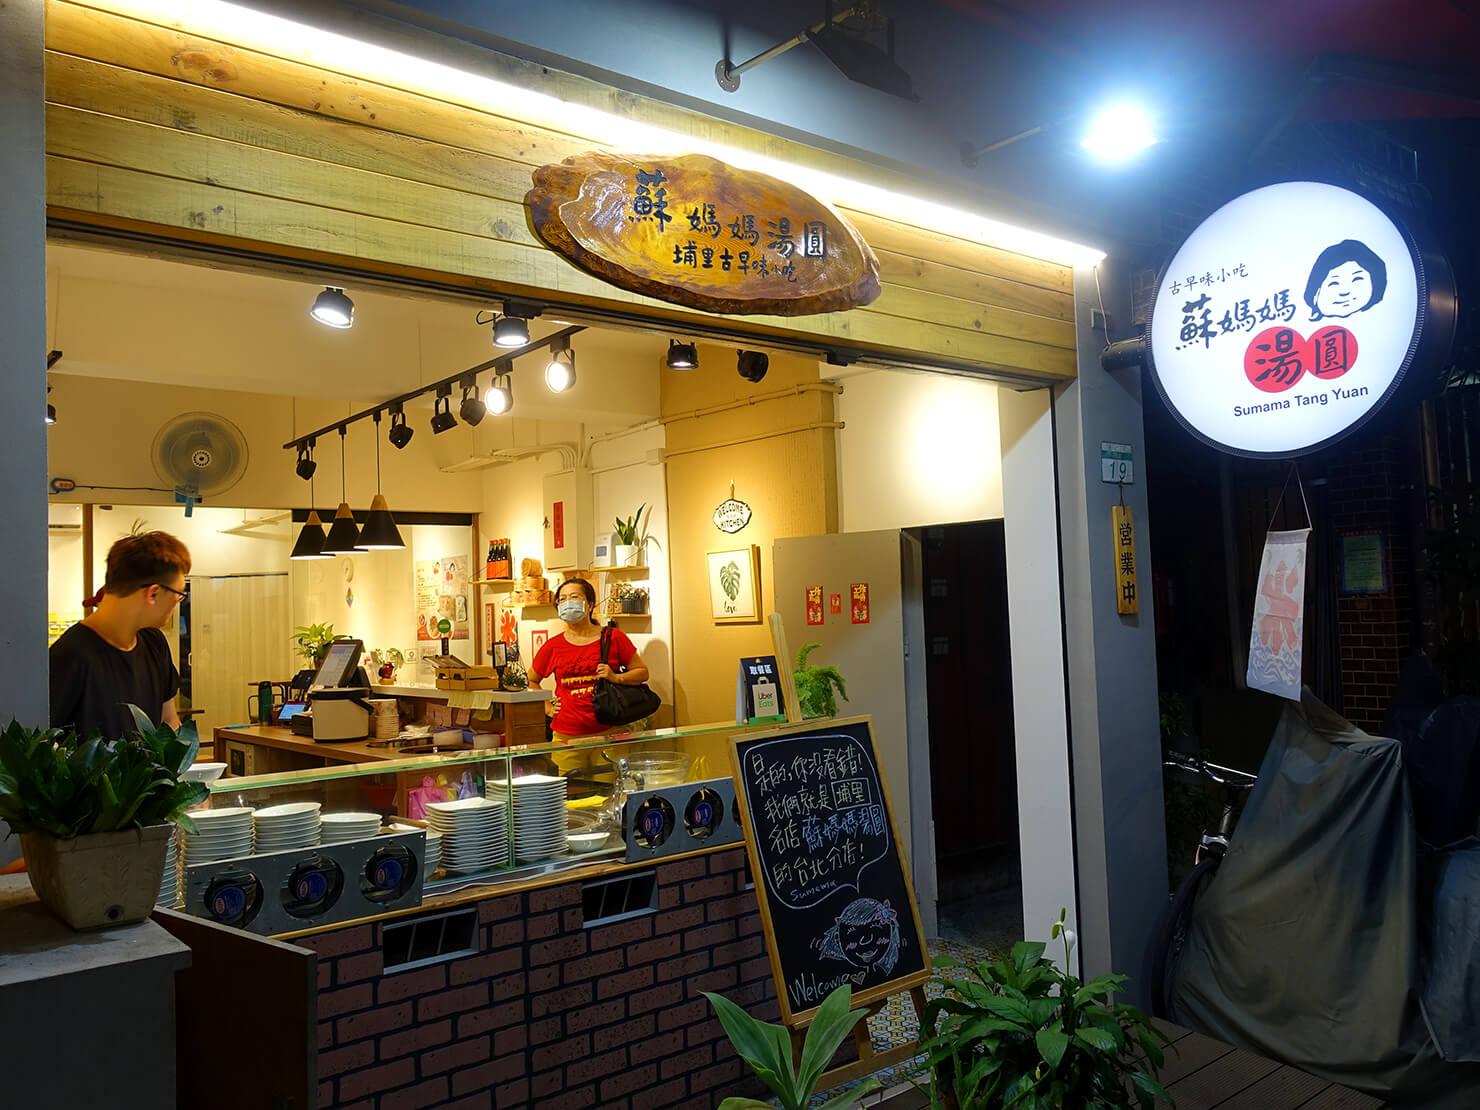 台北・臨江街夜市のおすすめグルメ店「蘇媽媽湯圓」の外観